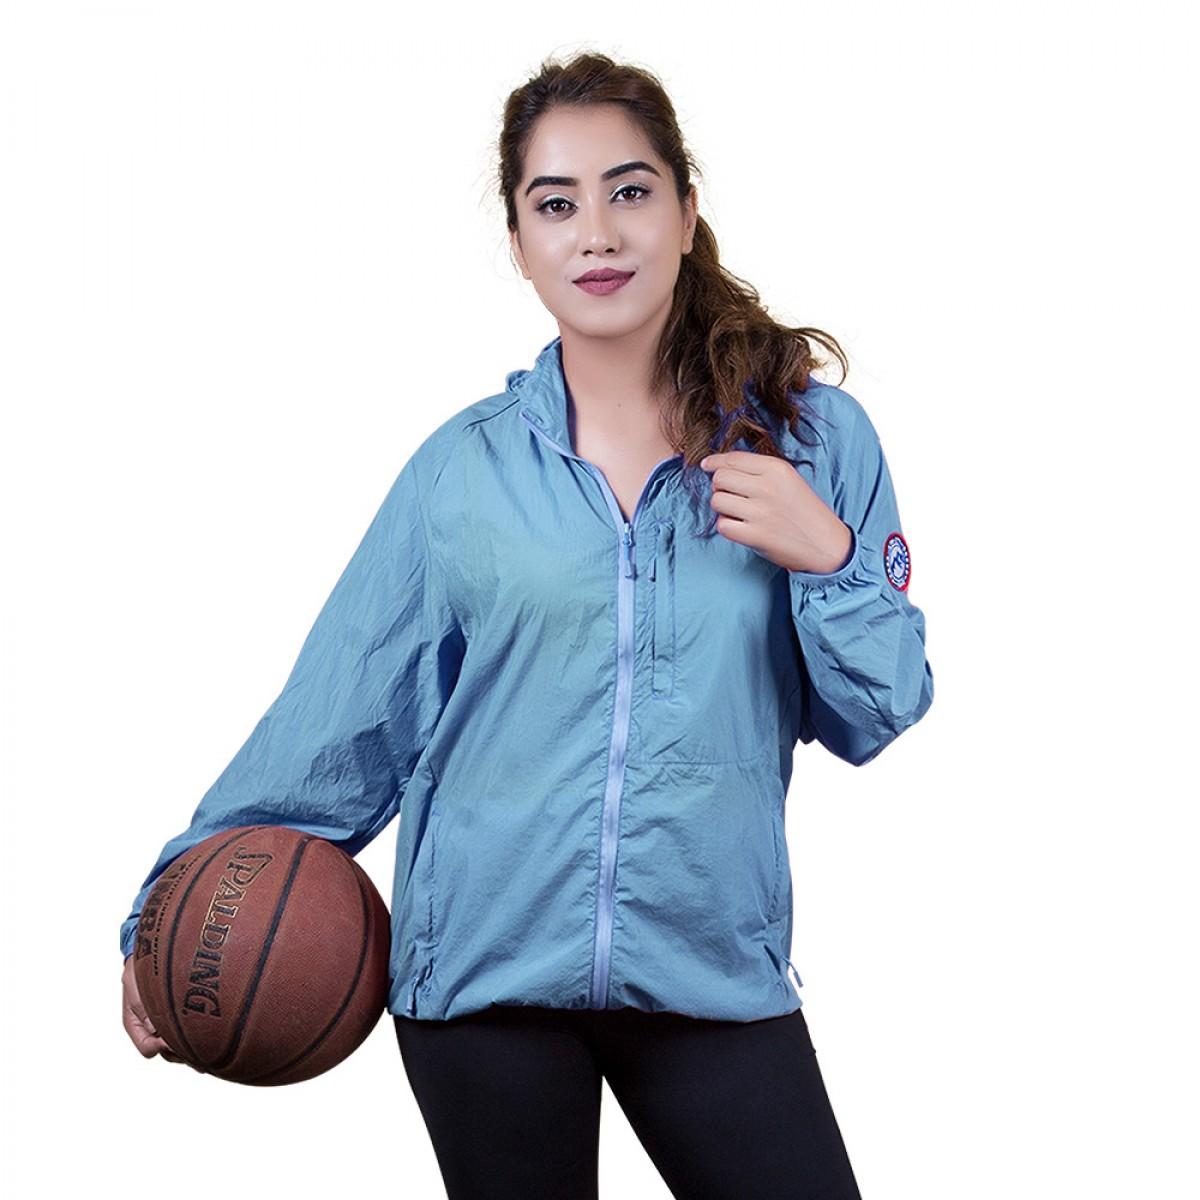 8848-women-windcheater-jacket-w1-kw1j96738-5b